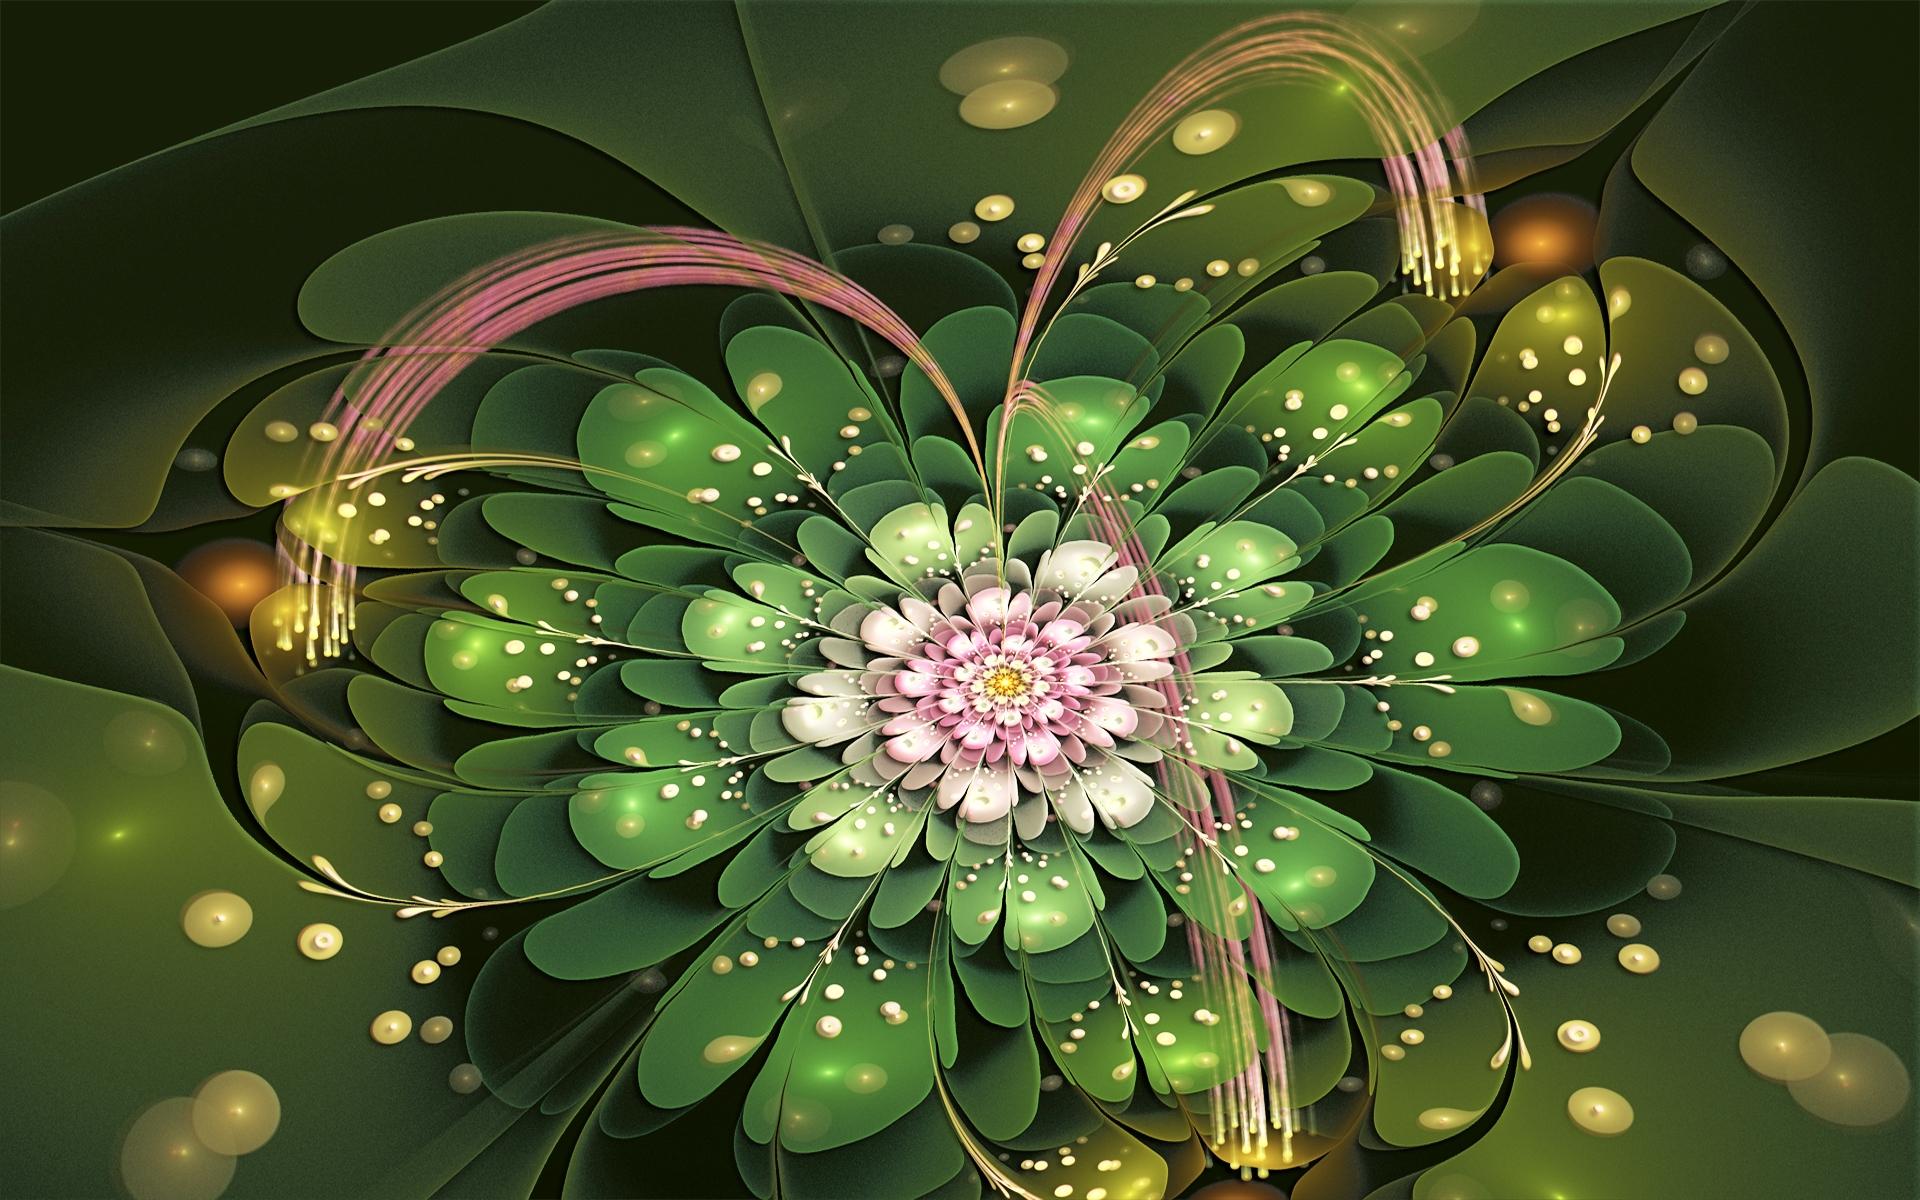 Цветы фракталы картинки